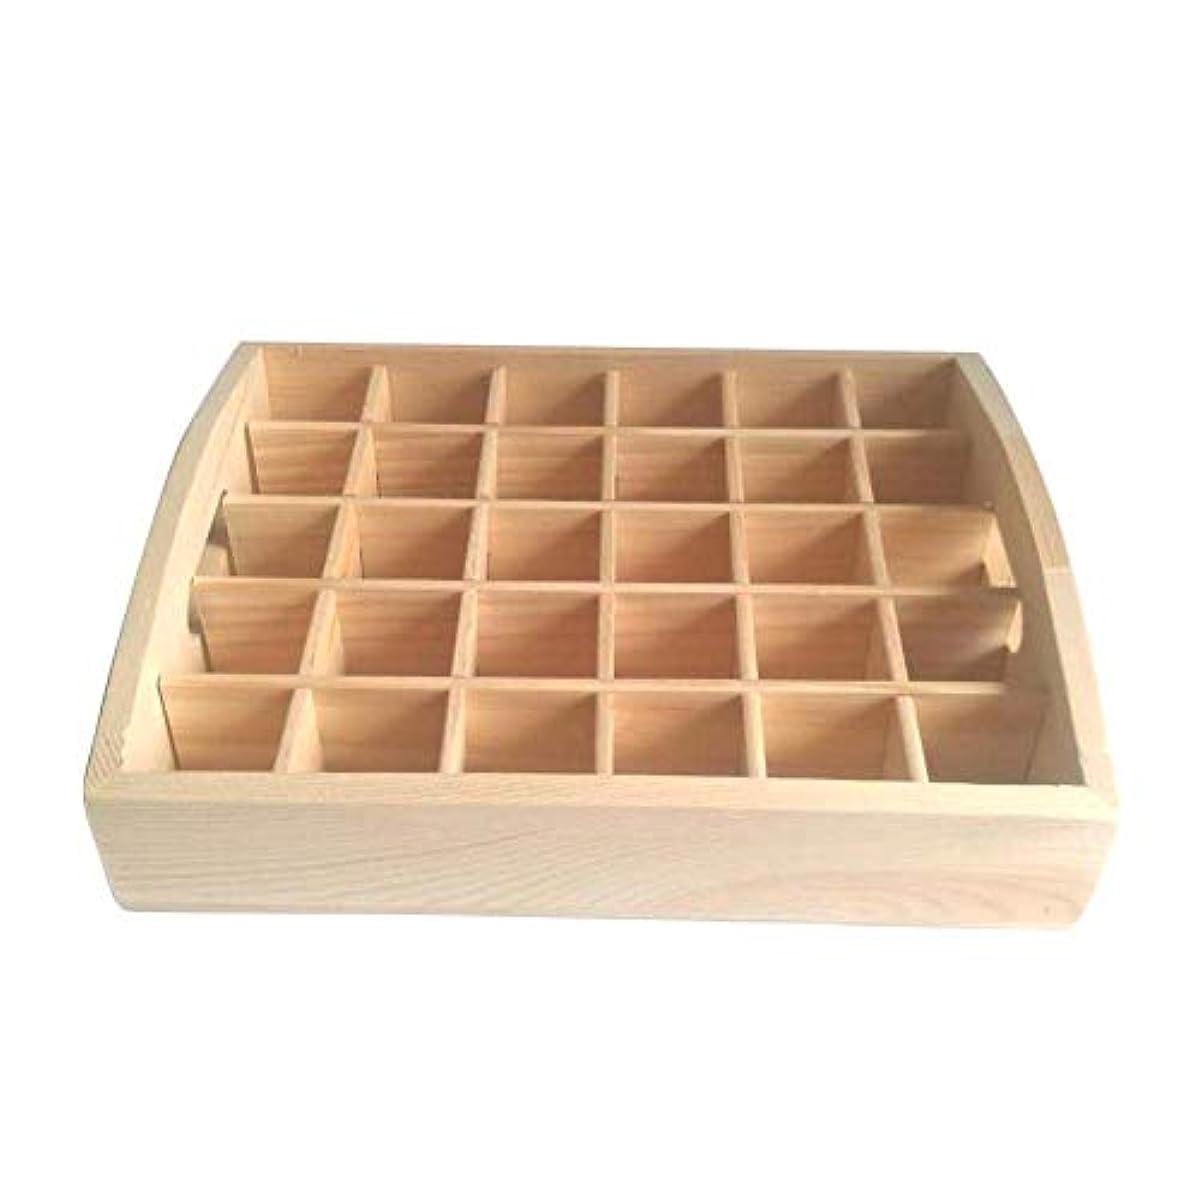 でサイドボード音楽家Pursue アロマオイルスタンド 精油収納 香水展示スタンド エッセンシャルオイル収納 木製 30本用